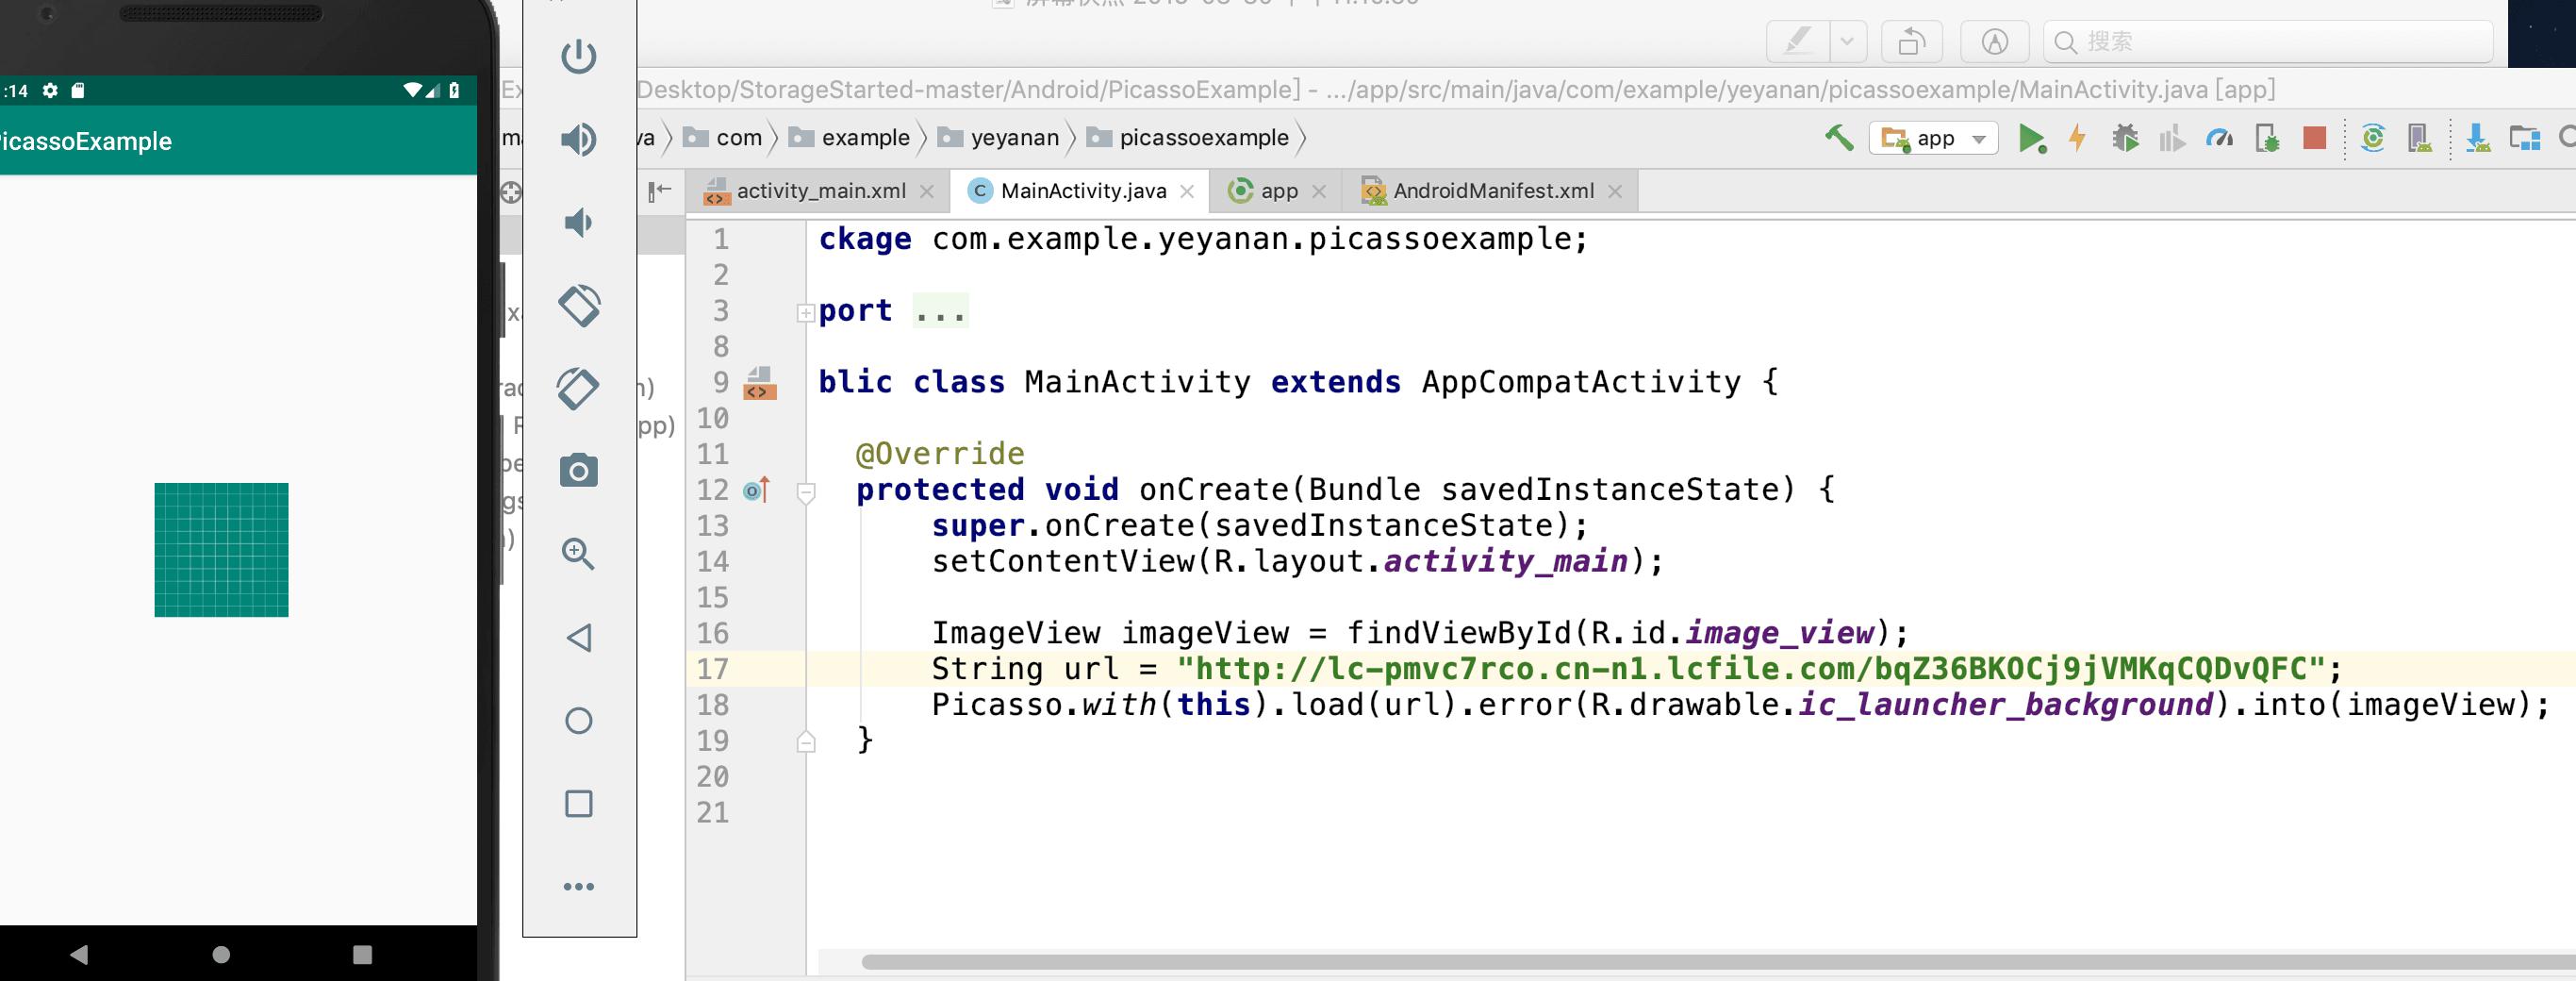 安卓不能呢获取url图片,ios可以获取,。 - LeanCloud 用户社区